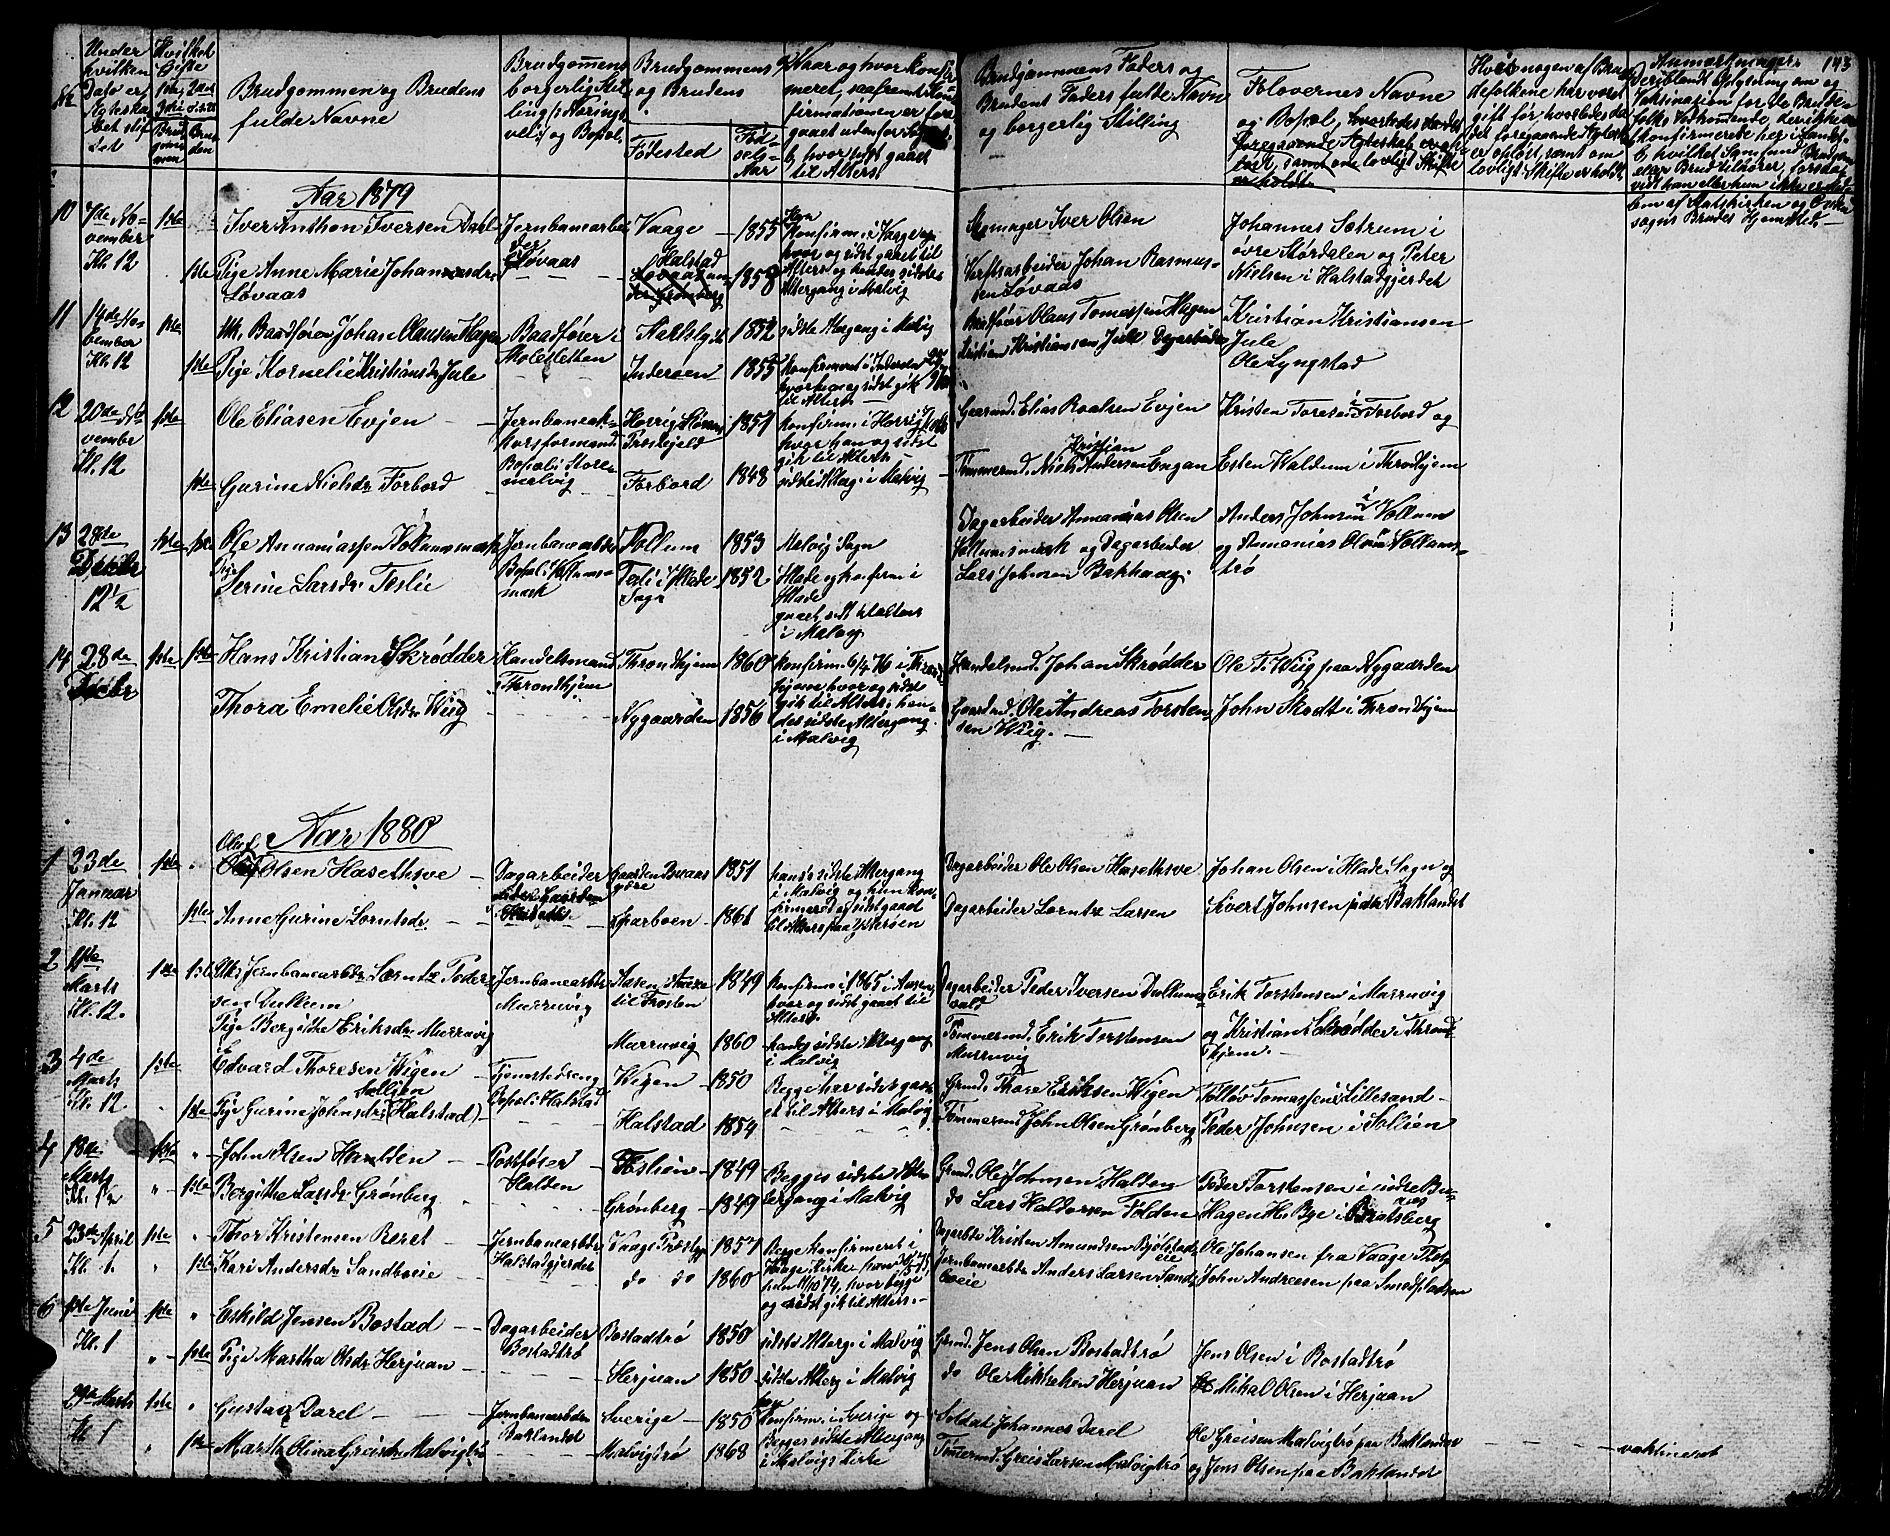 SAT, Ministerialprotokoller, klokkerbøker og fødselsregistre - Sør-Trøndelag, 616/L0422: Klokkerbok nr. 616C05, 1850-1888, s. 143